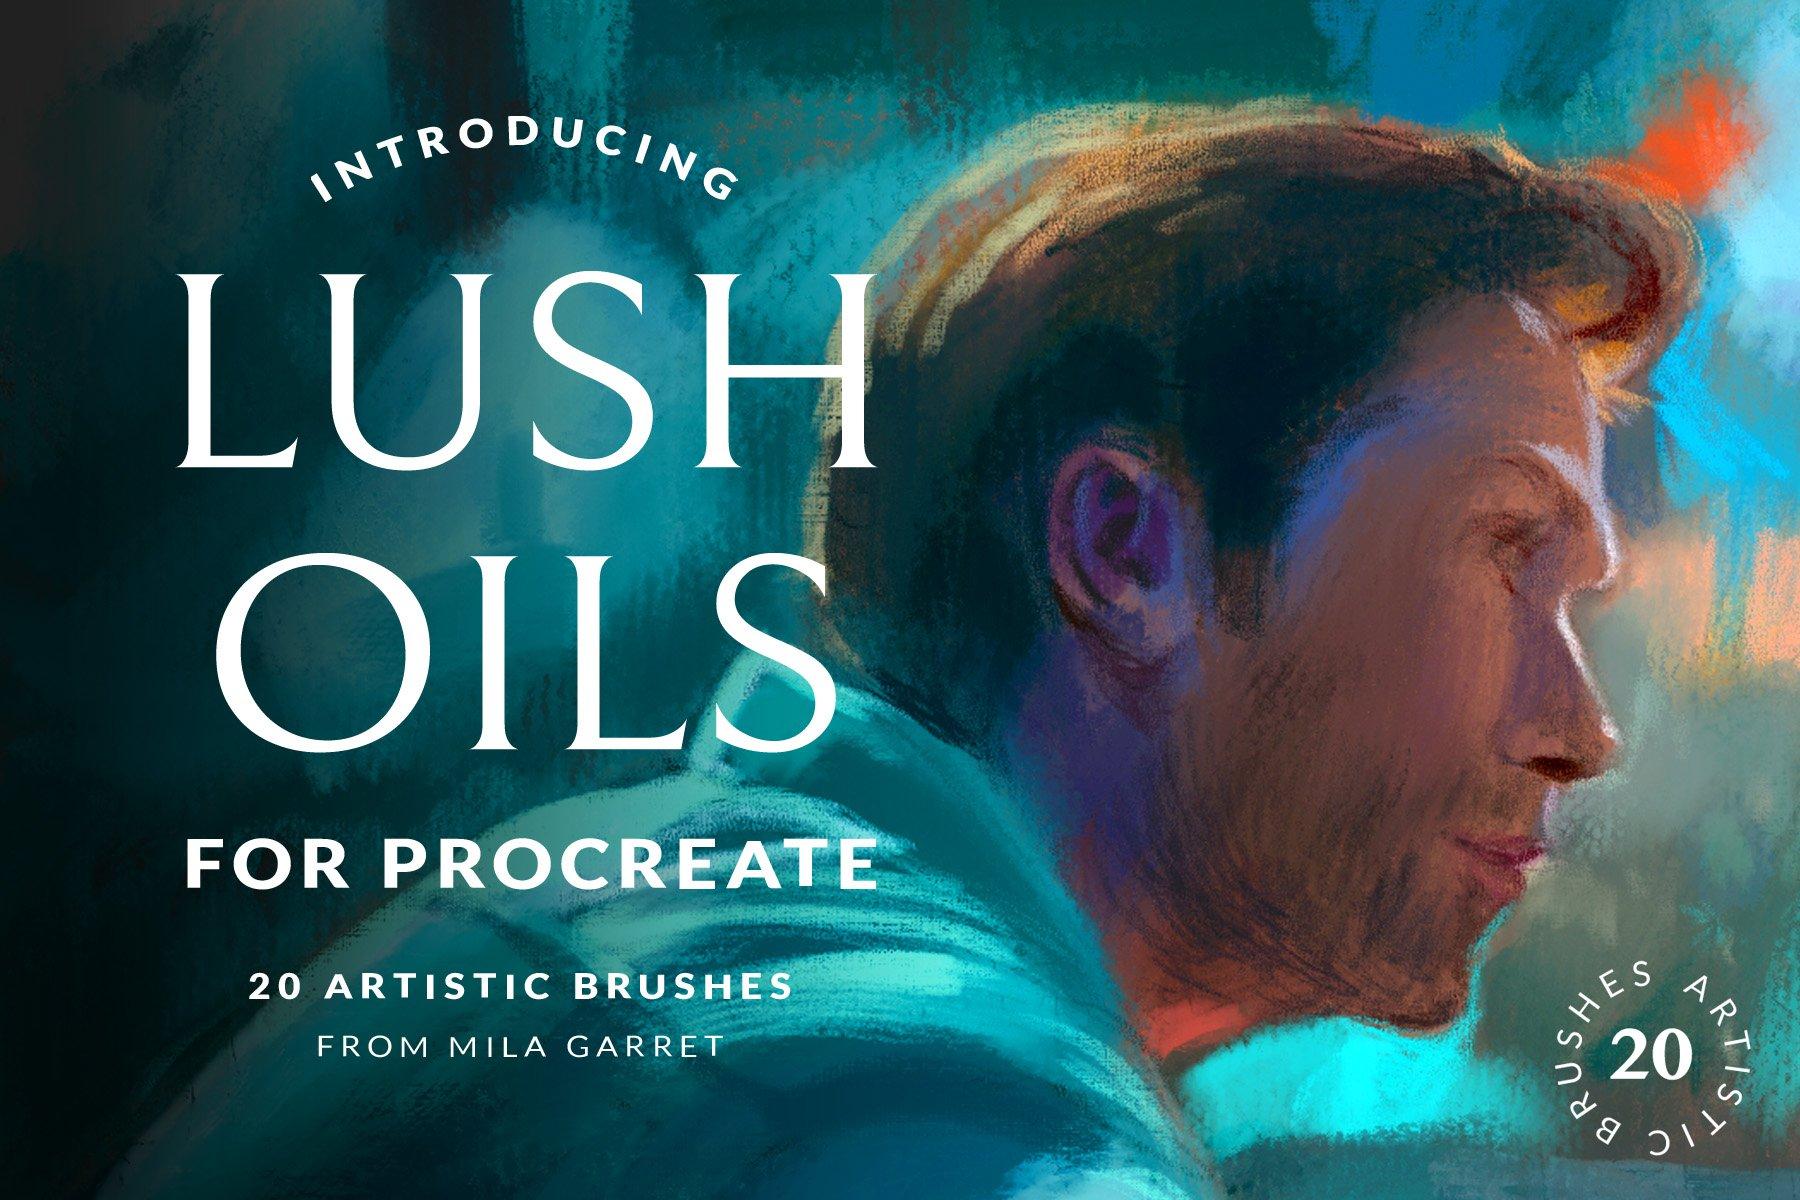 20款油画绘画纹理效果Procreate笔刷设计素材 Lush Oils Procreate Painting Brushes插图